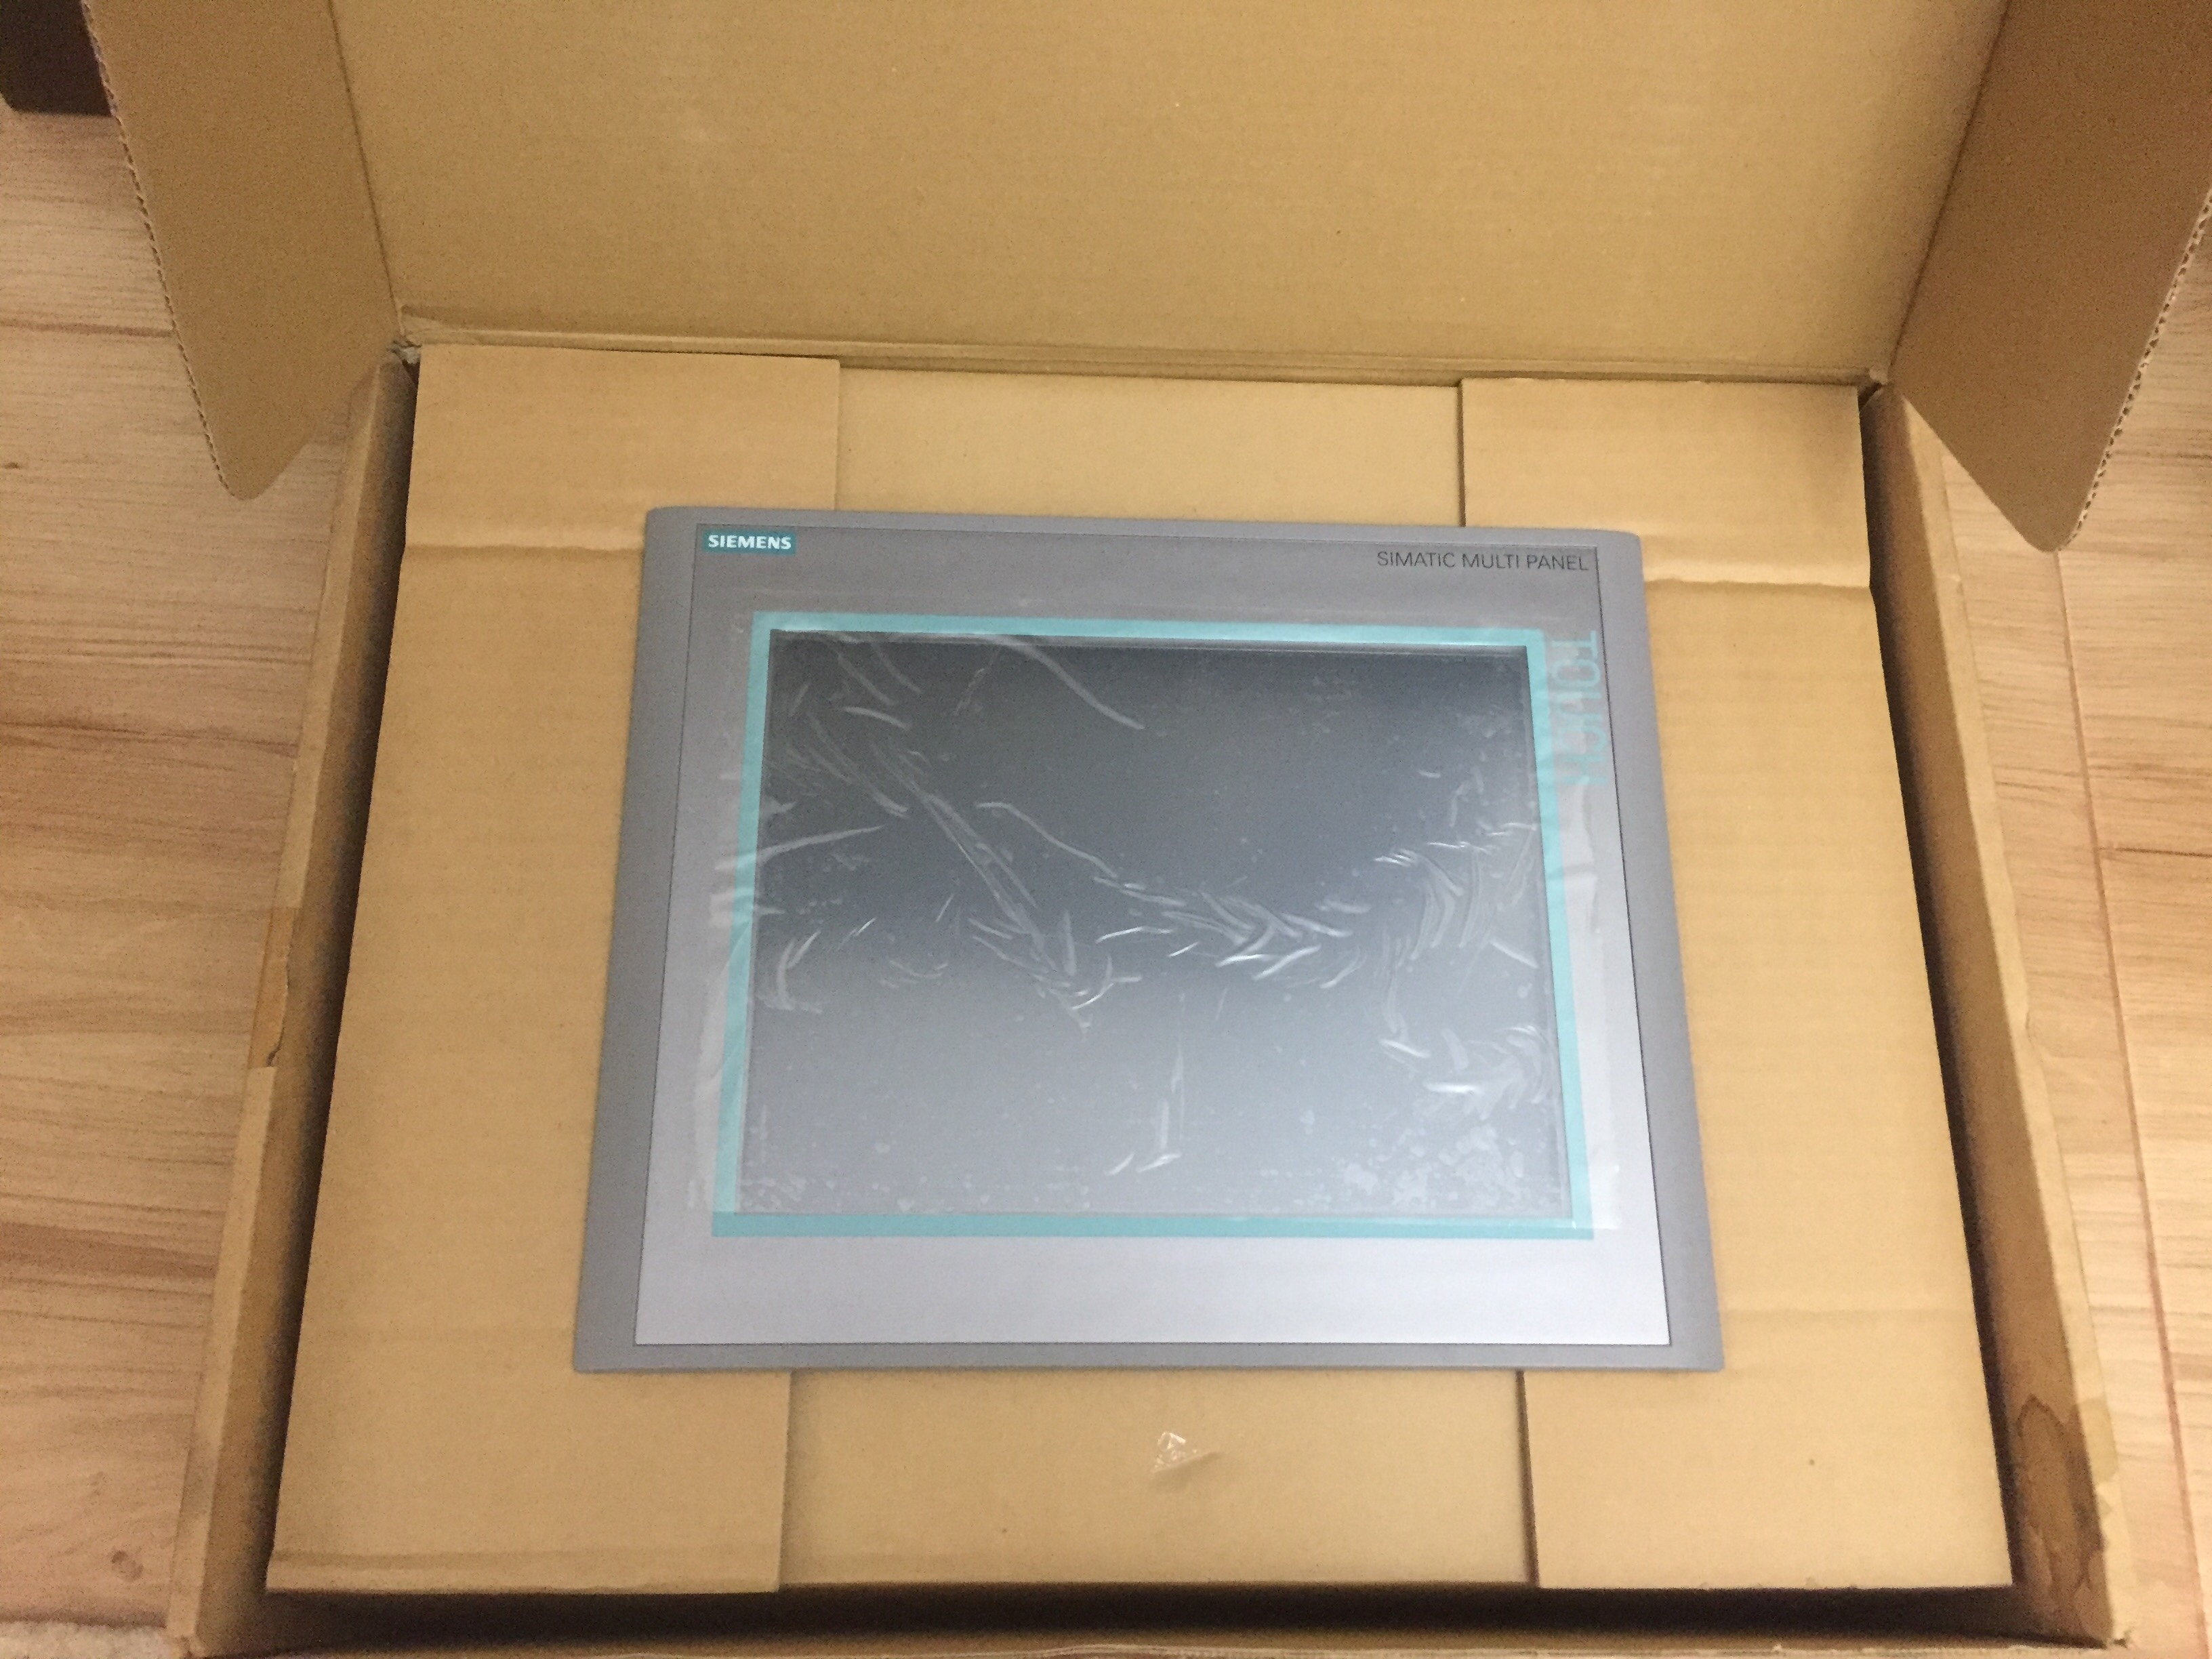 مانیتور تاچ پنل ۱۲ اینچ زیمنس  MP 377 کاملا نو و آکبند